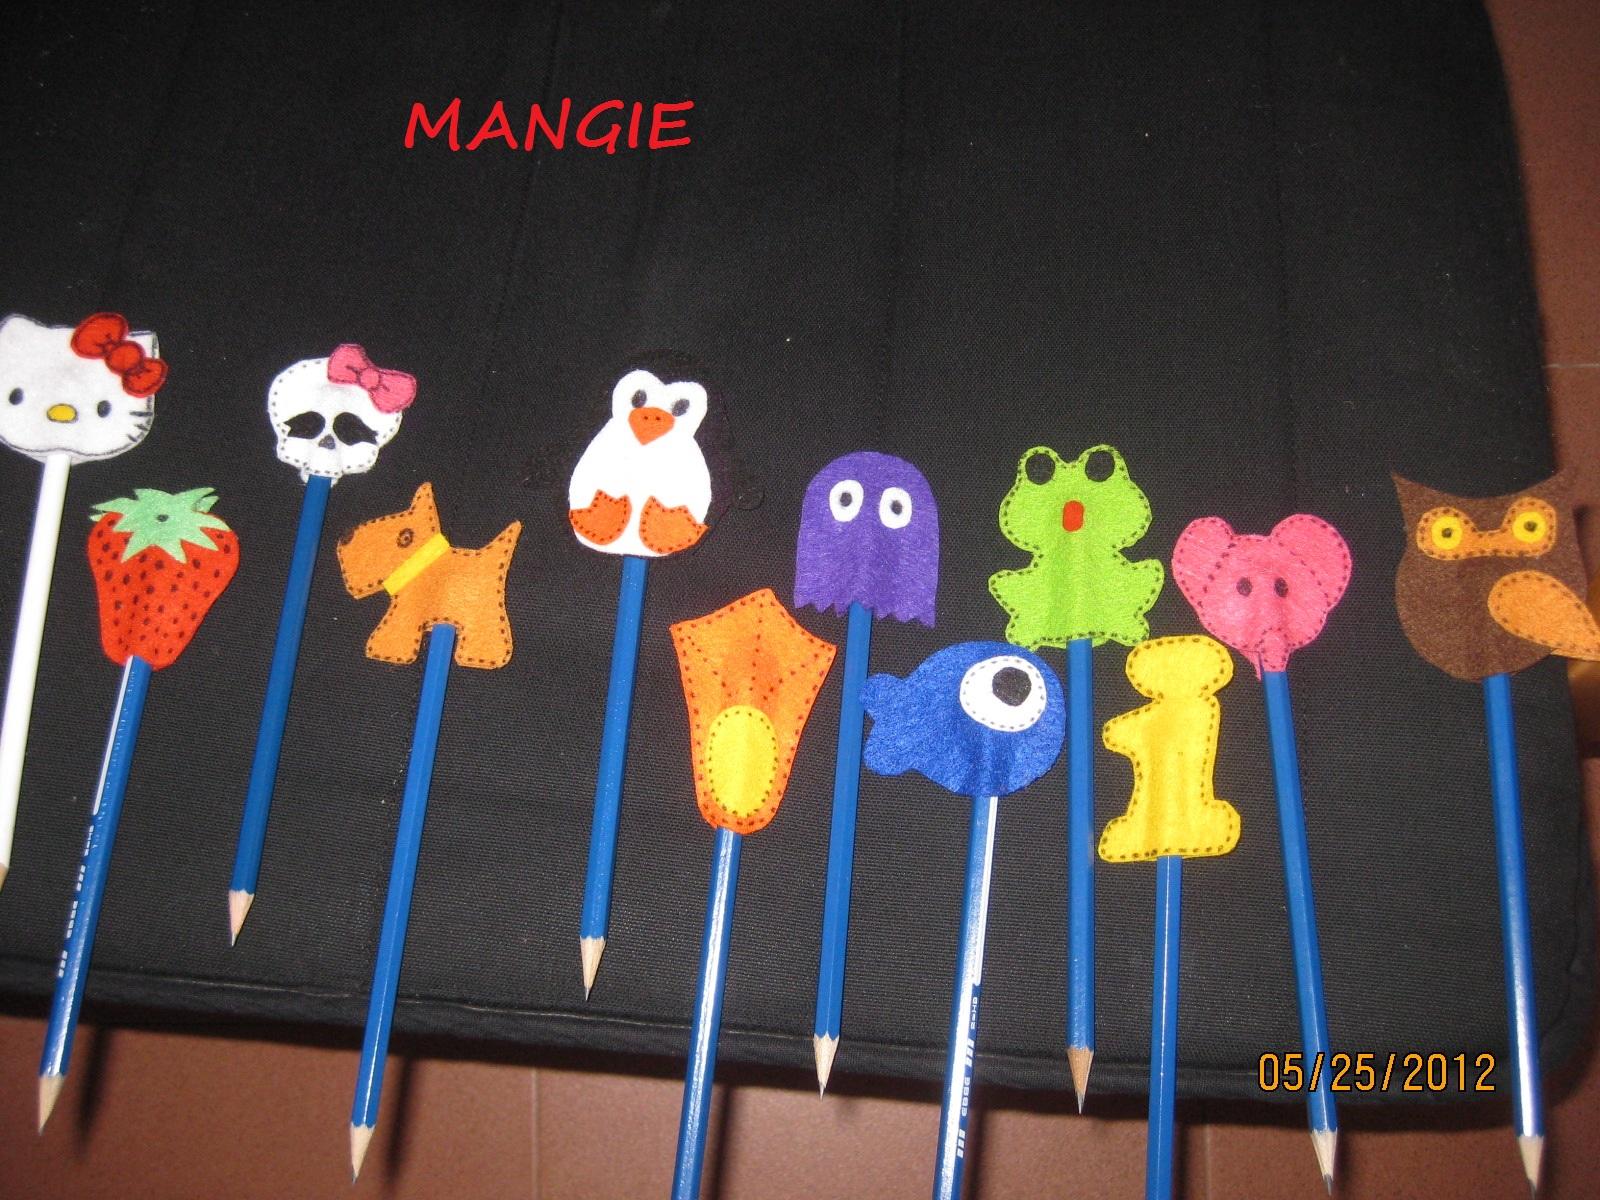 Figuras para los l pices en fieltro artemangie - Figuras para decorar ...